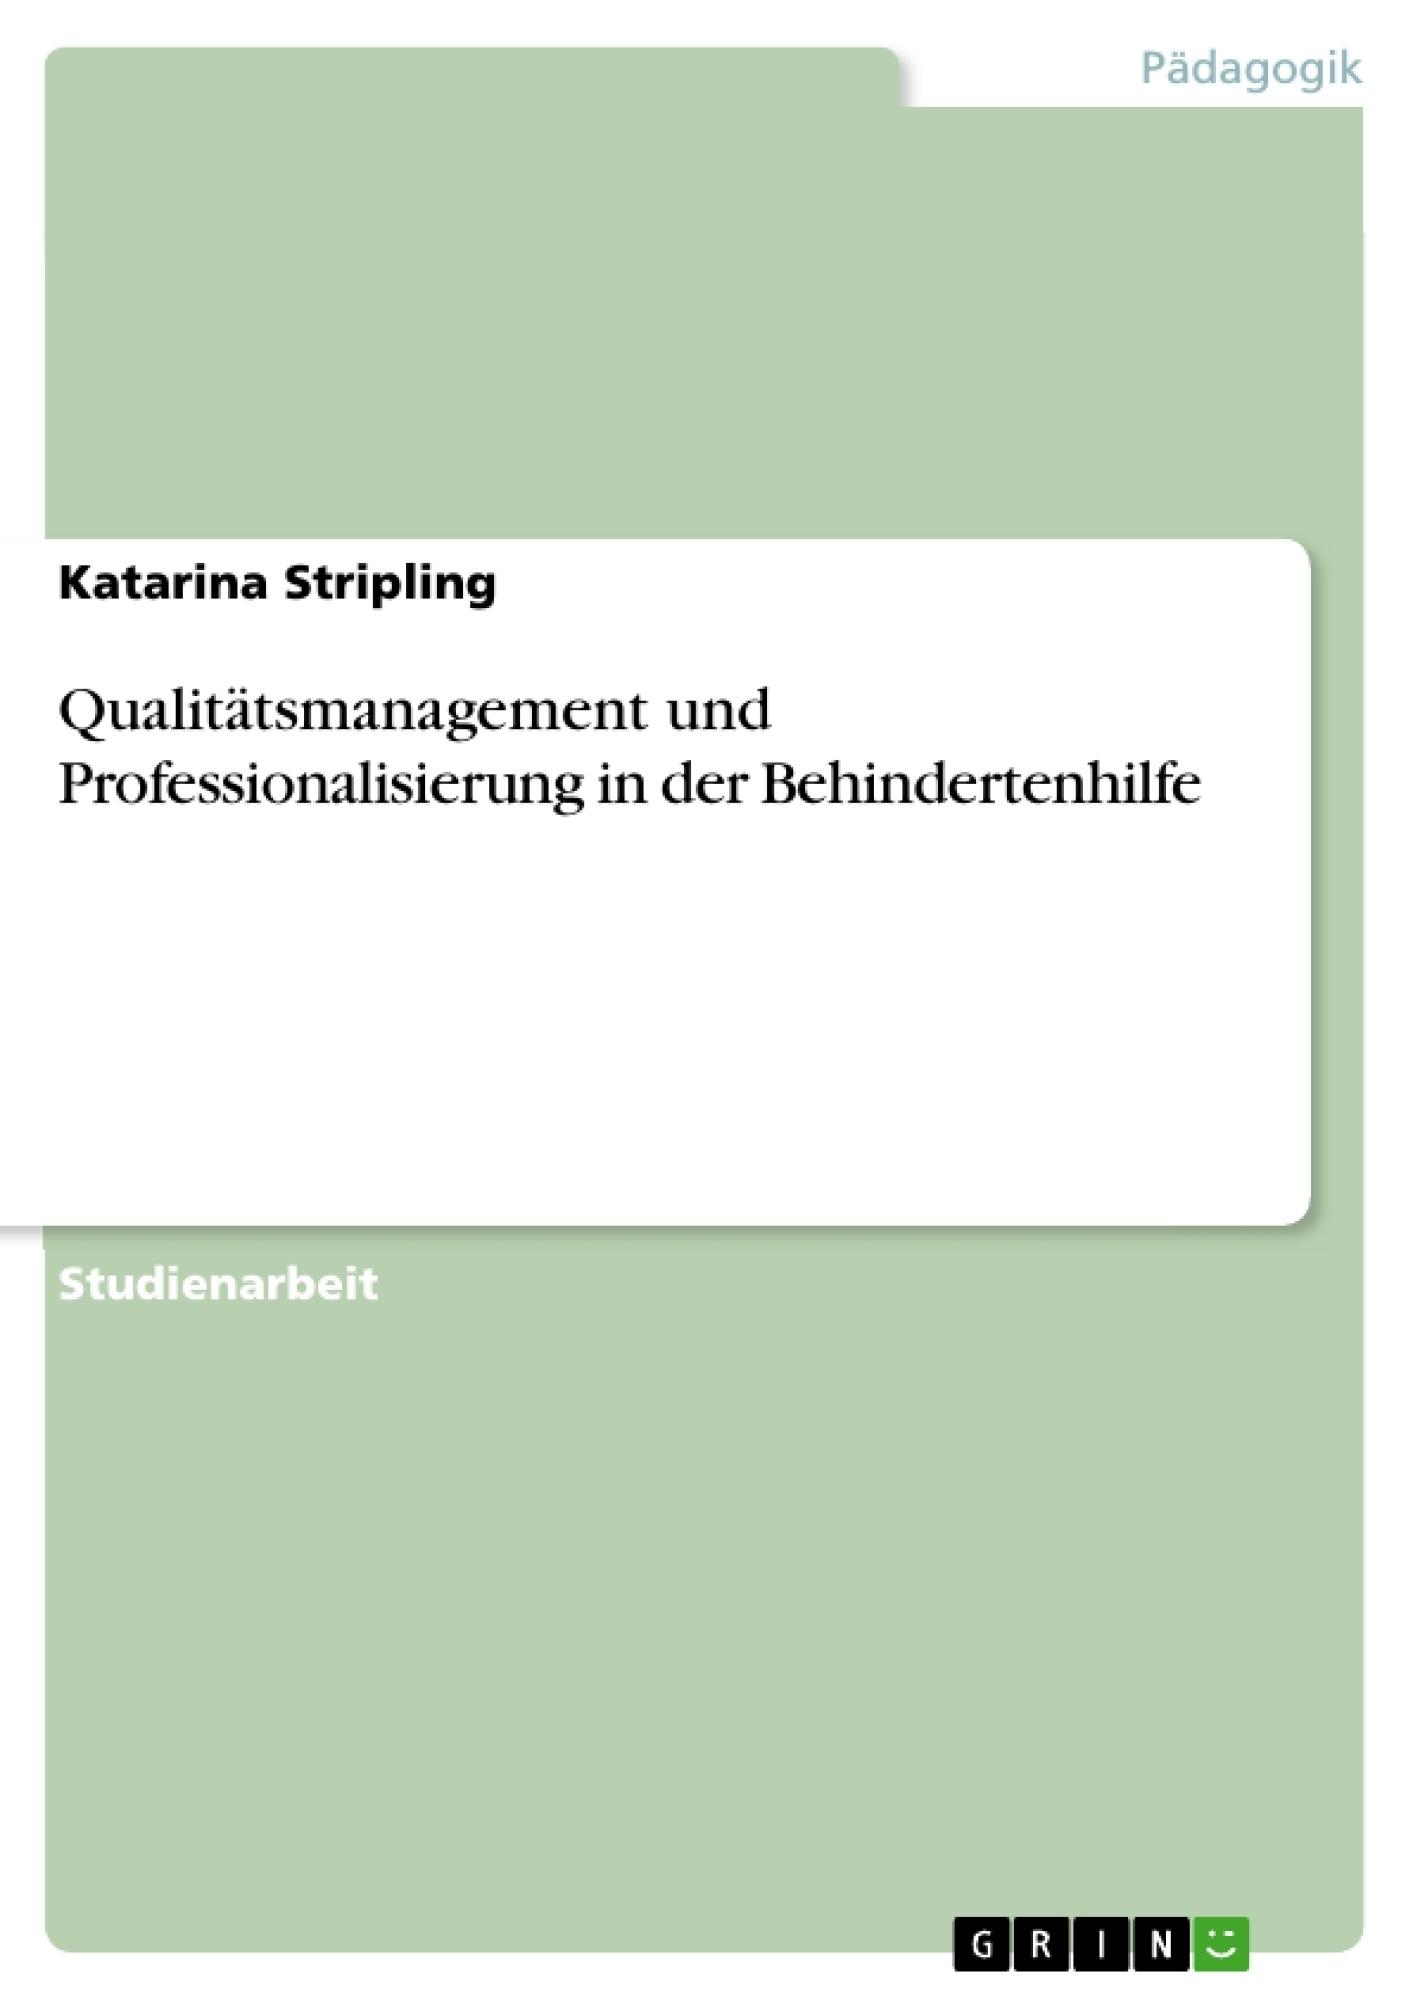 Titel: Qualitätsmanagement und Professionalisierung in der Behindertenhilfe